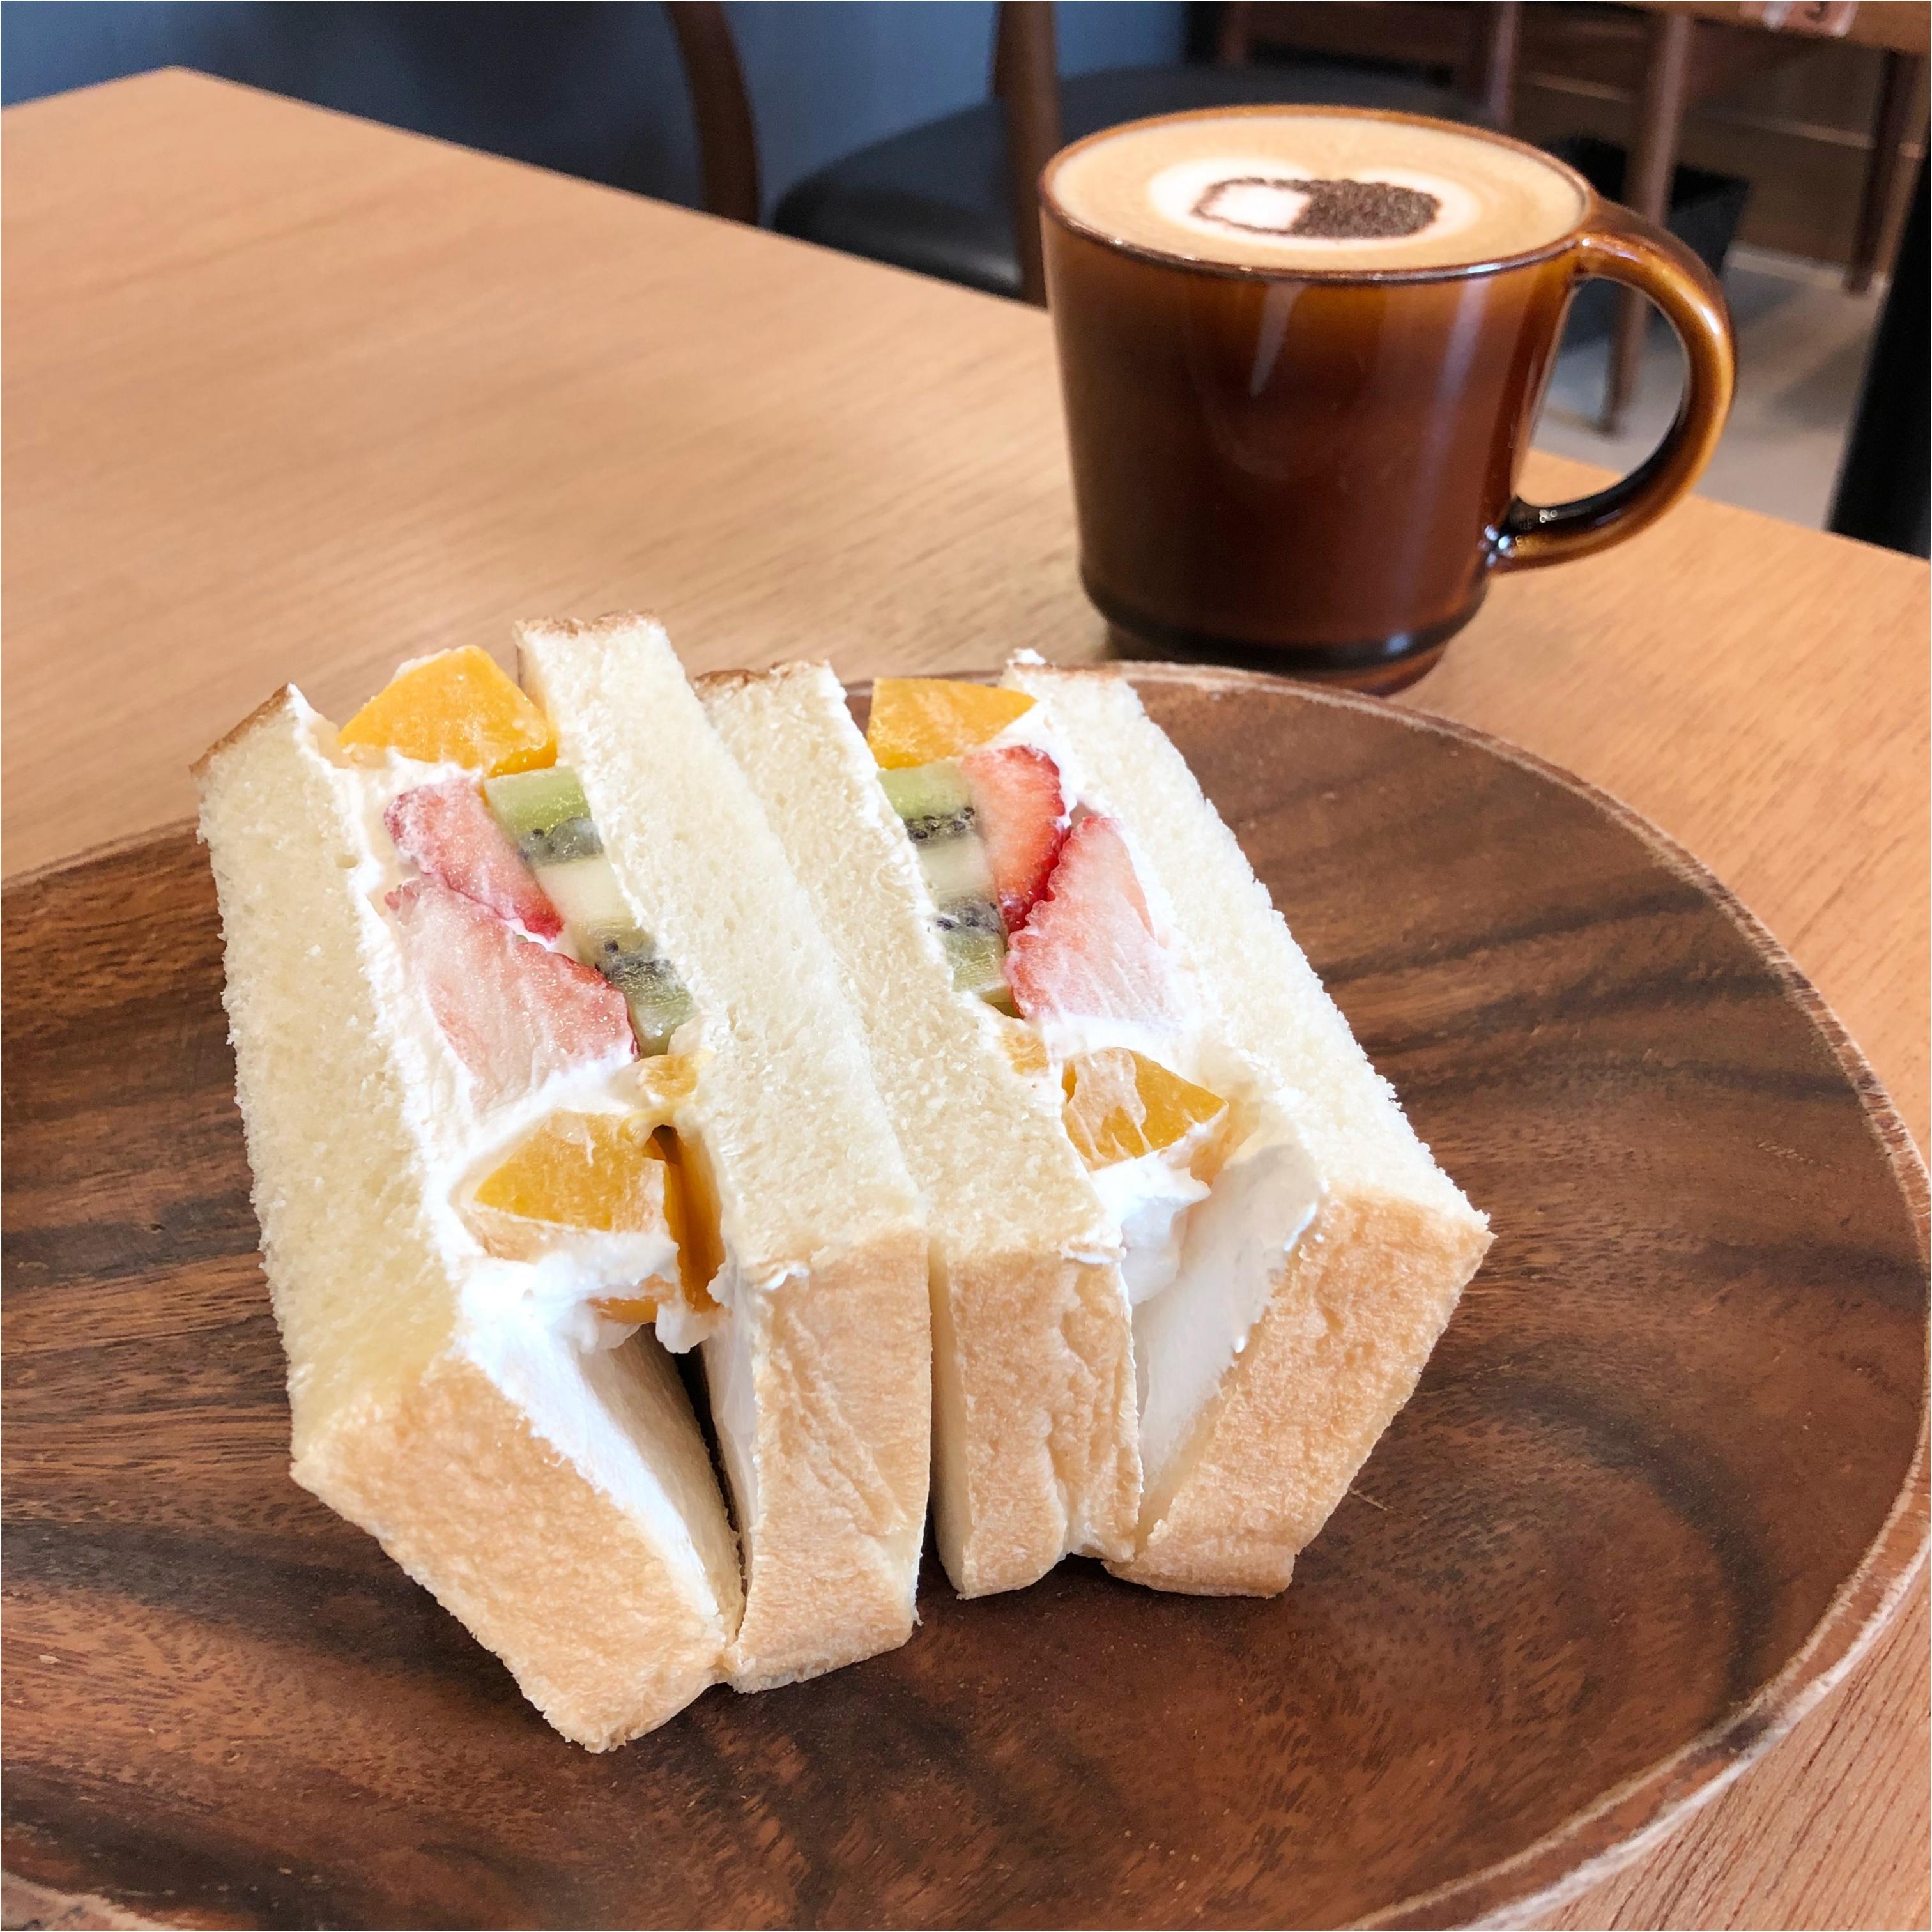 博多の食パン専門店『 むつか堂カフェ  』のフルーツミックスサンドがふわふわ甘くて美味しい♡♡_2